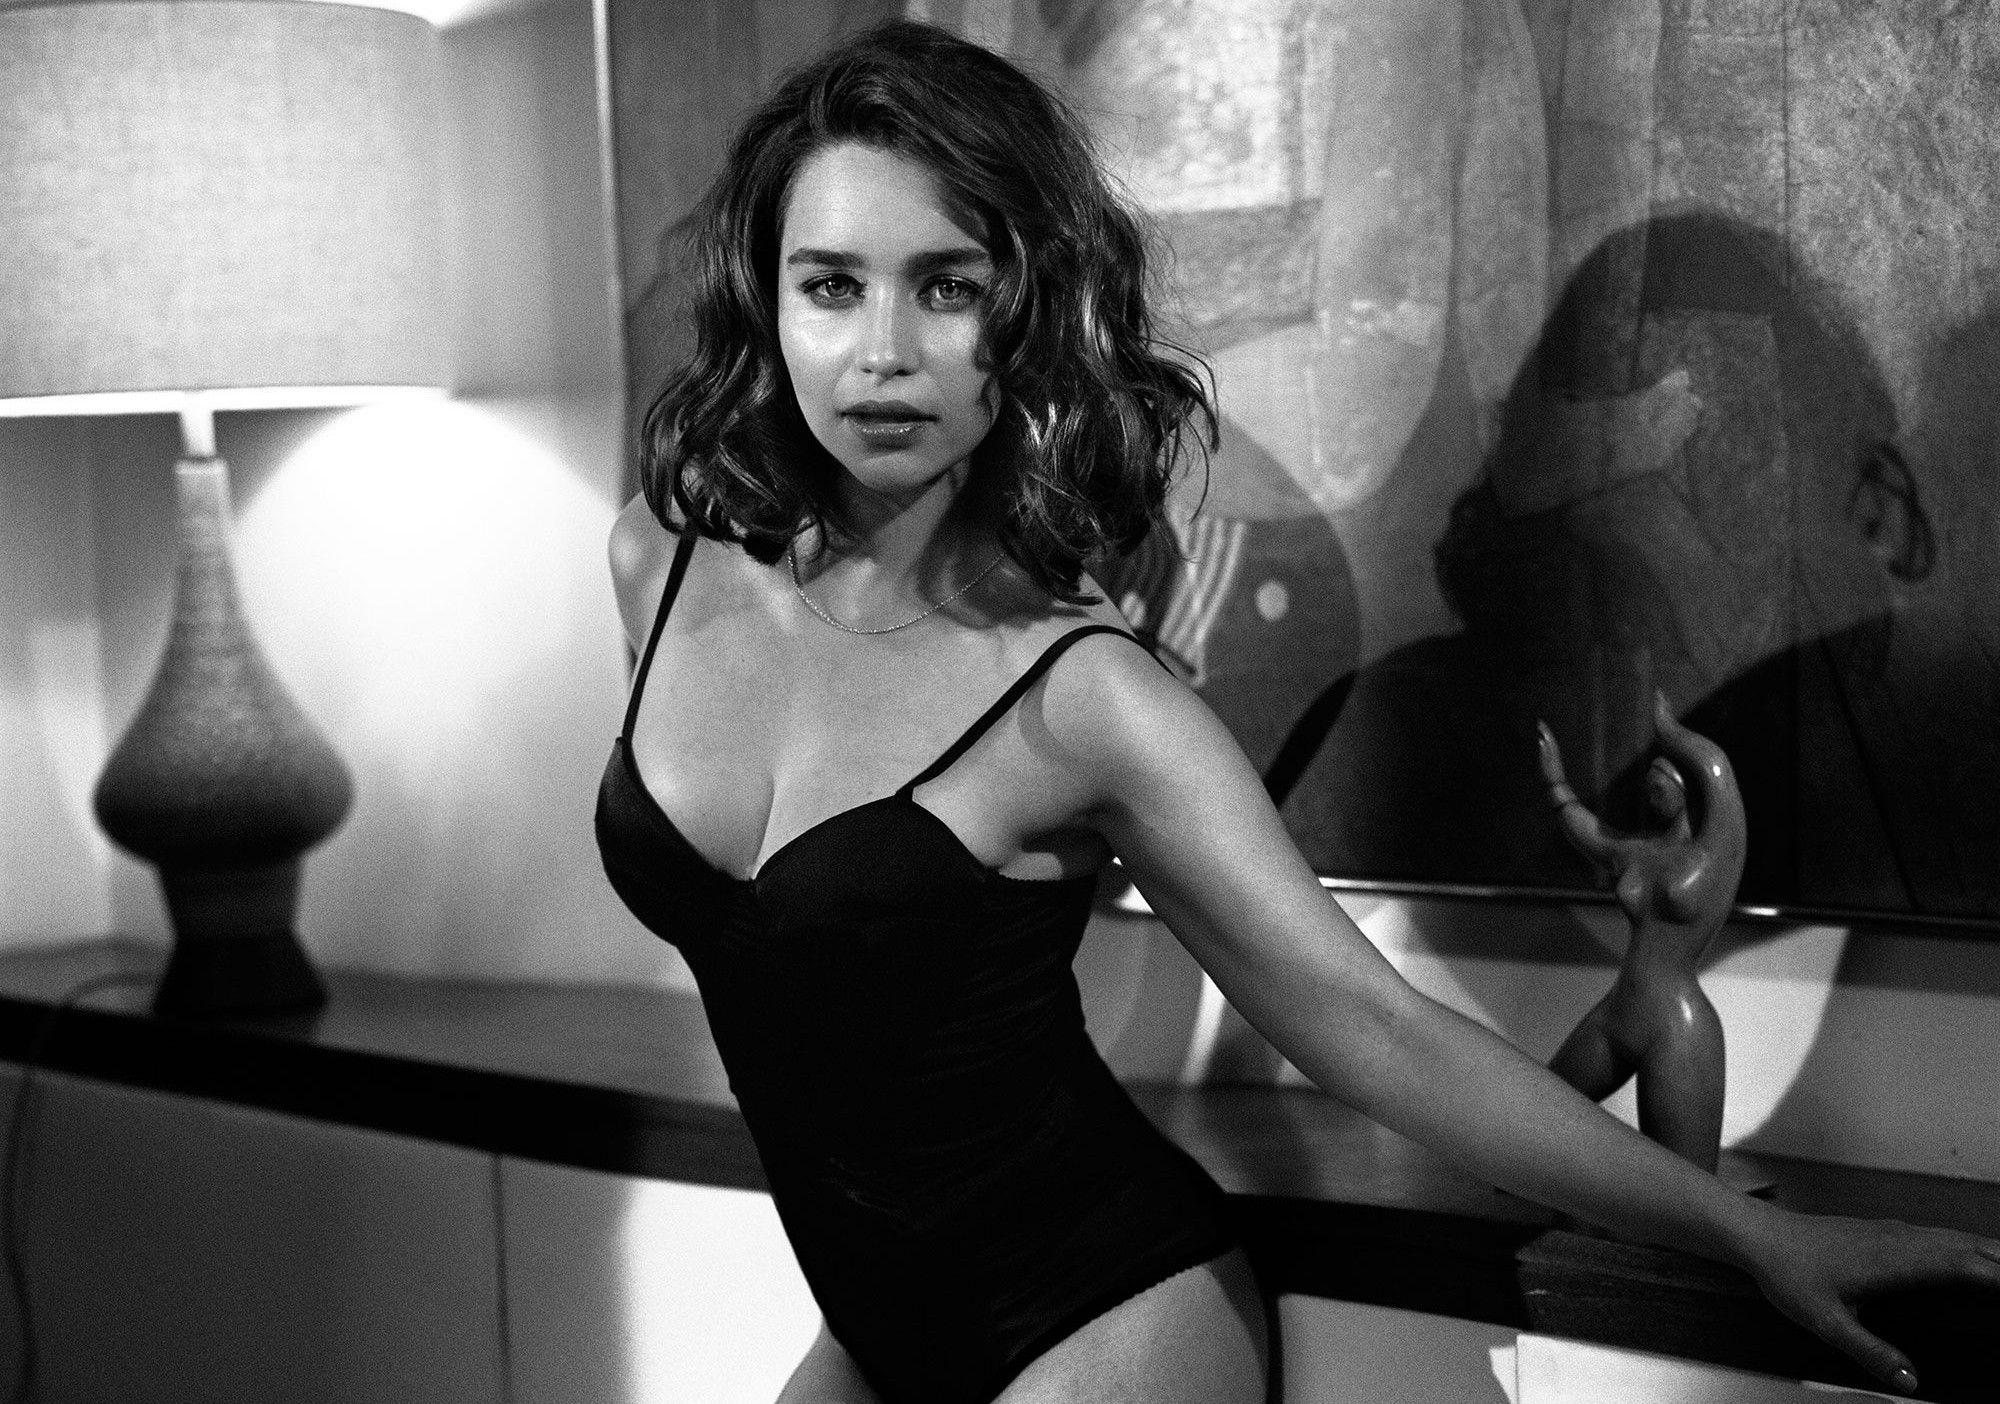 Emilia Clarke Hot Jpg 2000x1404 Emilia Clarke Hot Celebrities